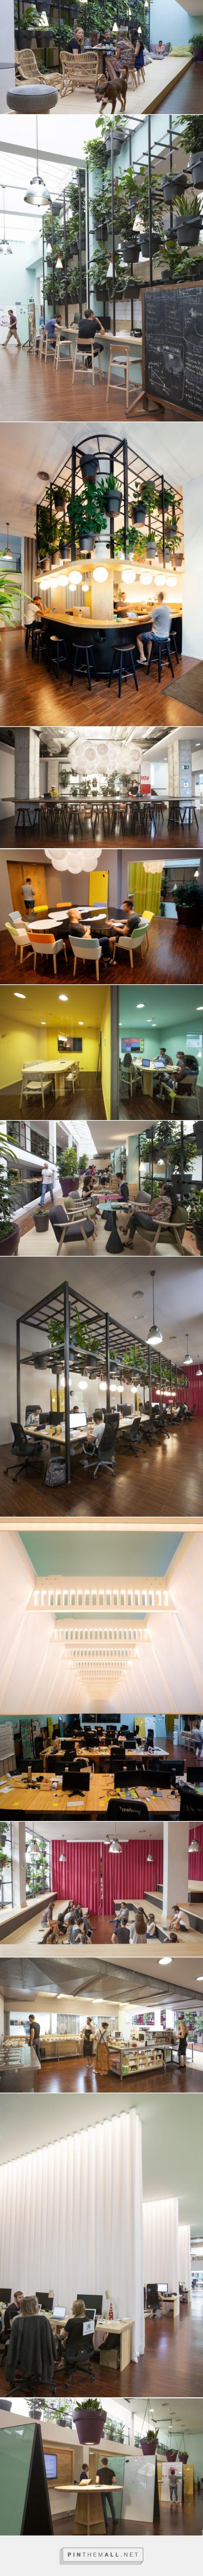 Lagranja 'plantifica' la sede de Typeform - diariodesign.com